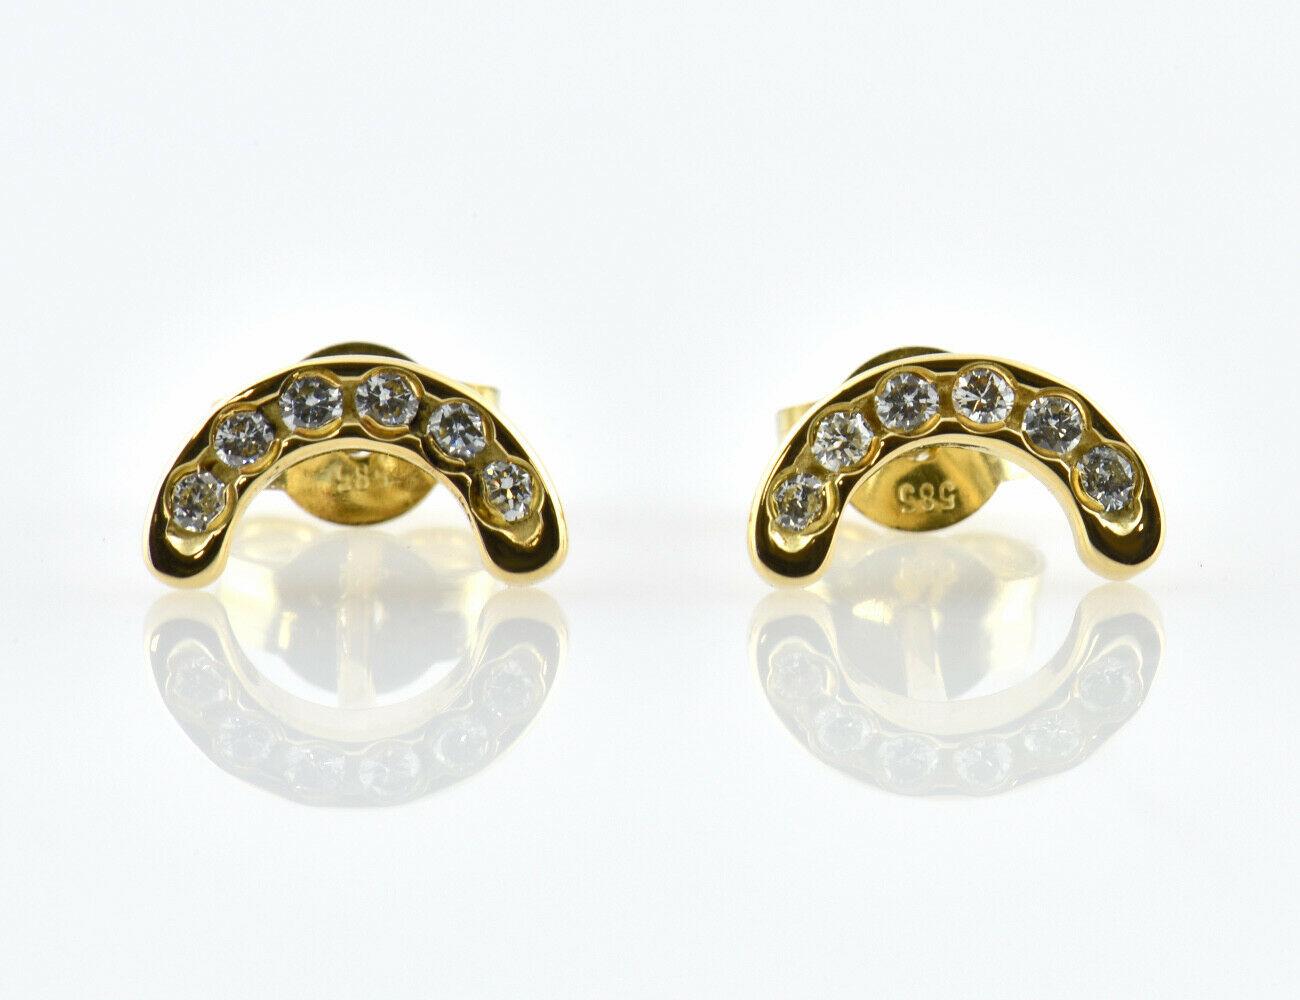 Ohrstecker 585/000 14 K Gelbgold 12 Diamanten zus. 0,12 ct